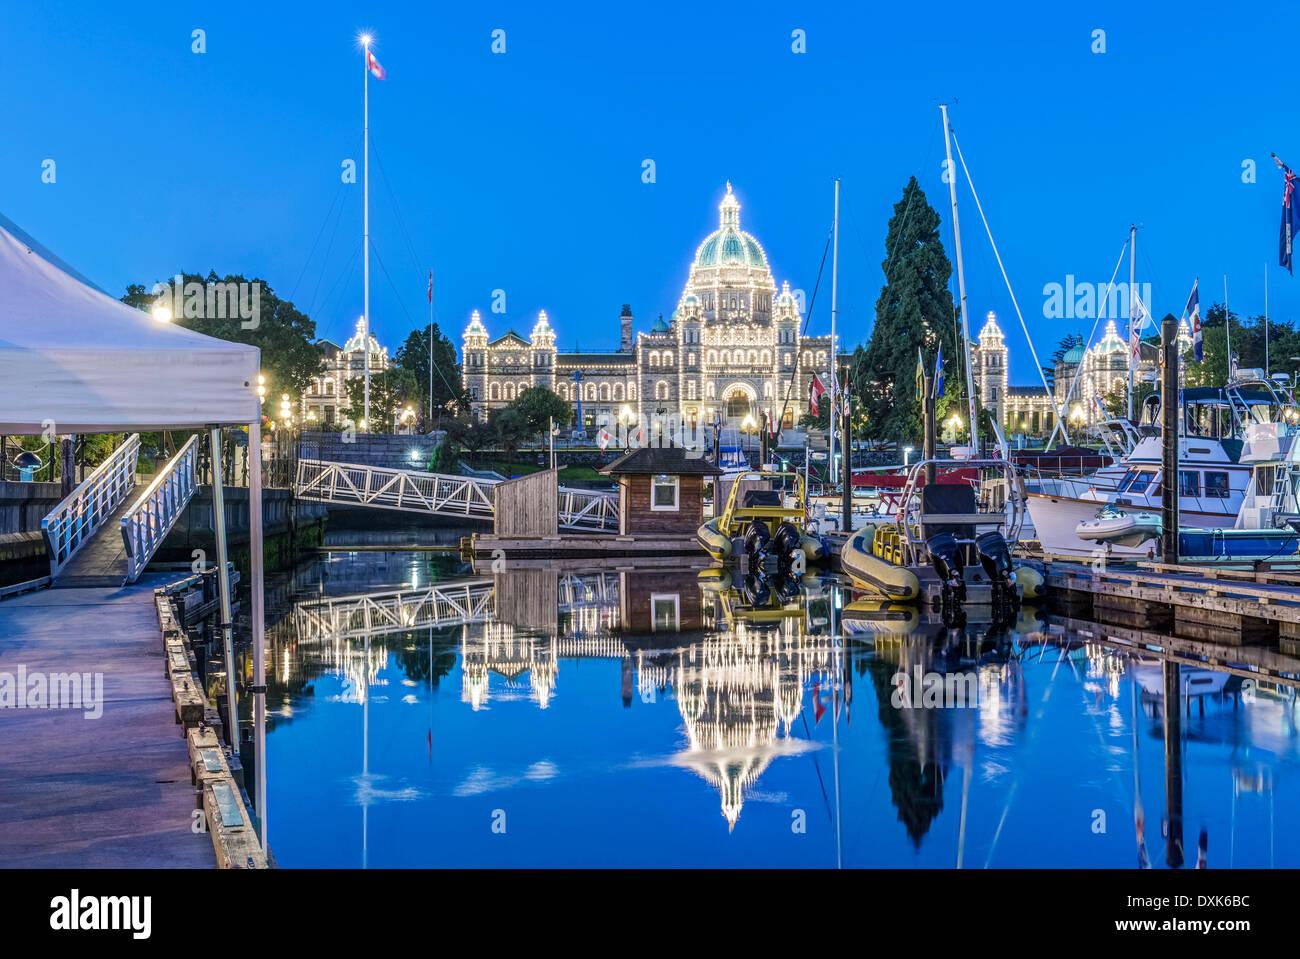 Gli edifici del Parlamento europeo e del porto illuminato all'alba, Victoria, British Columbia, Canada Immagini Stock